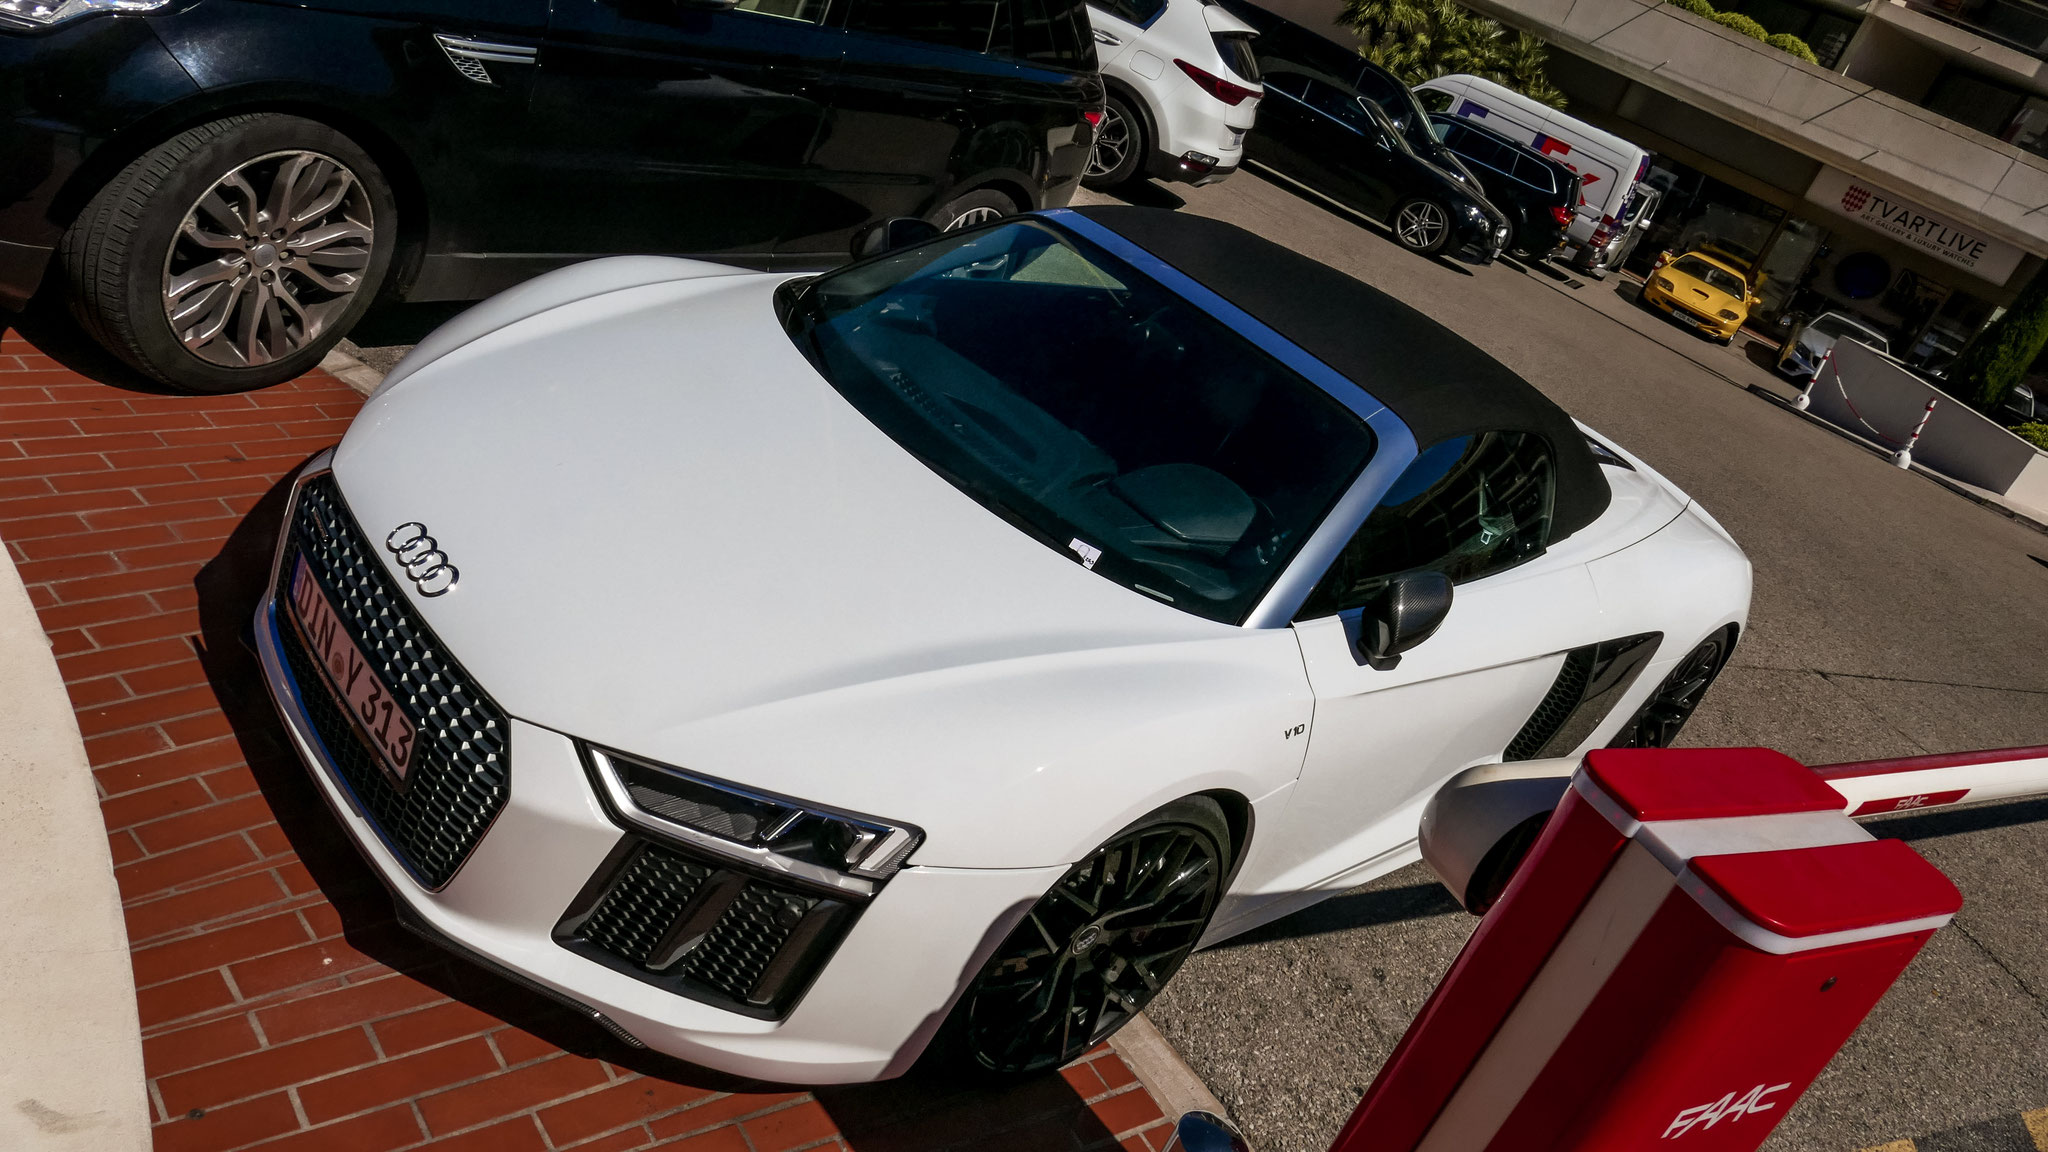 Audi R8 V10 Spyder - DIN-Y-313